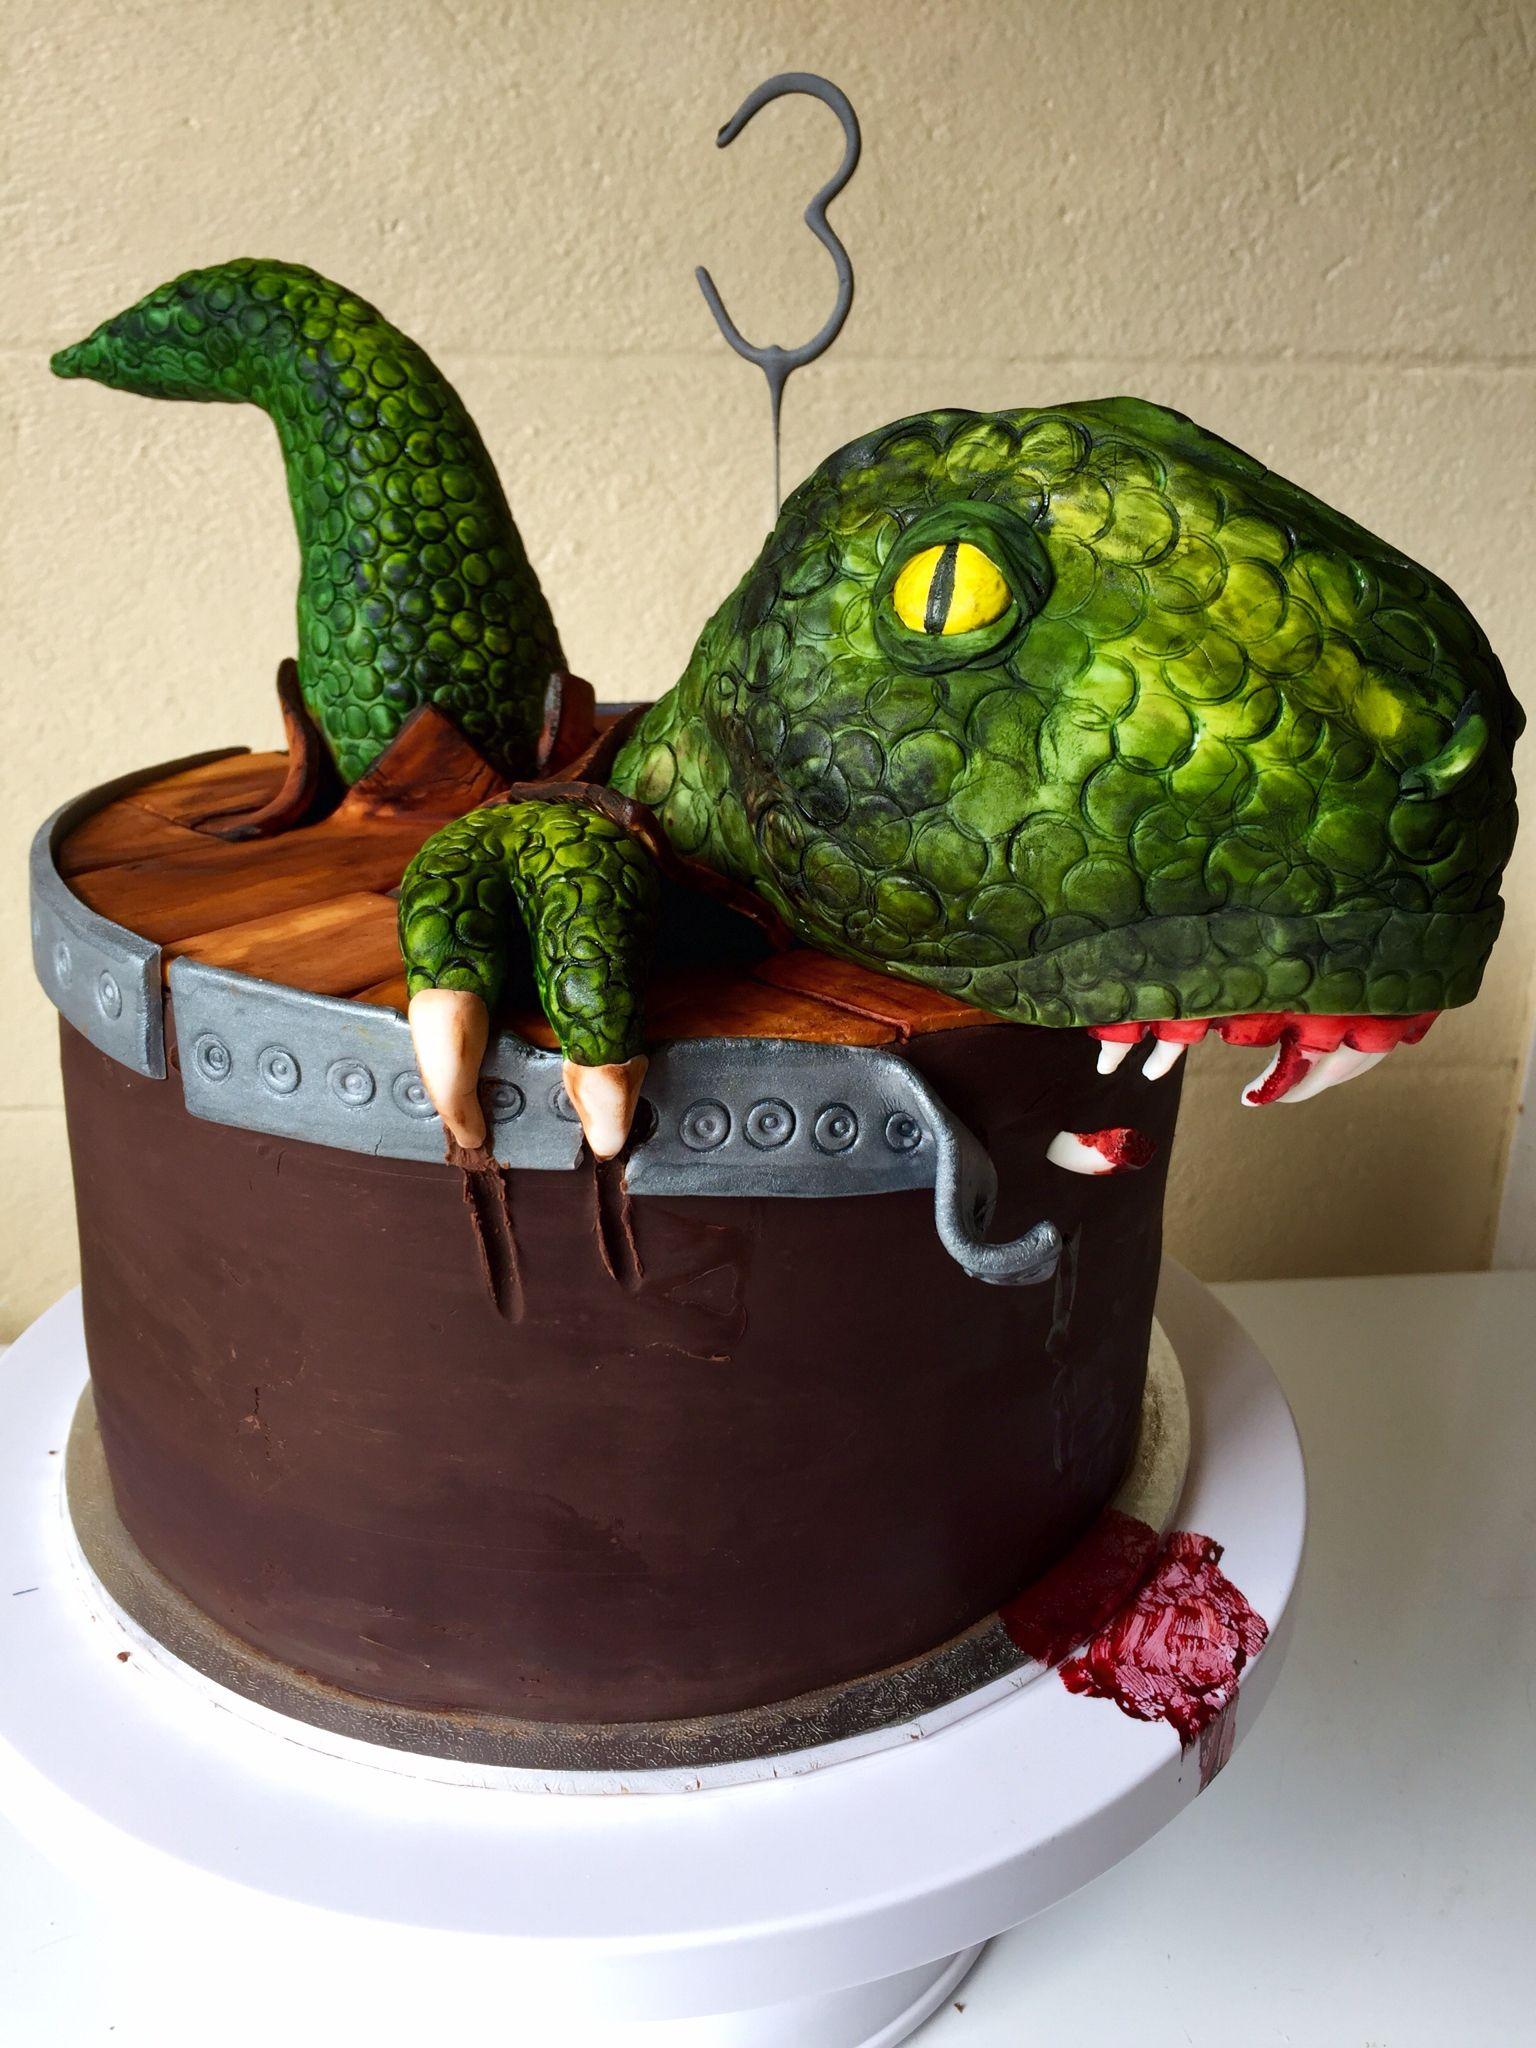 Boys birthday Dinosaur Cake Dinosaur escaping from cake Chocolate